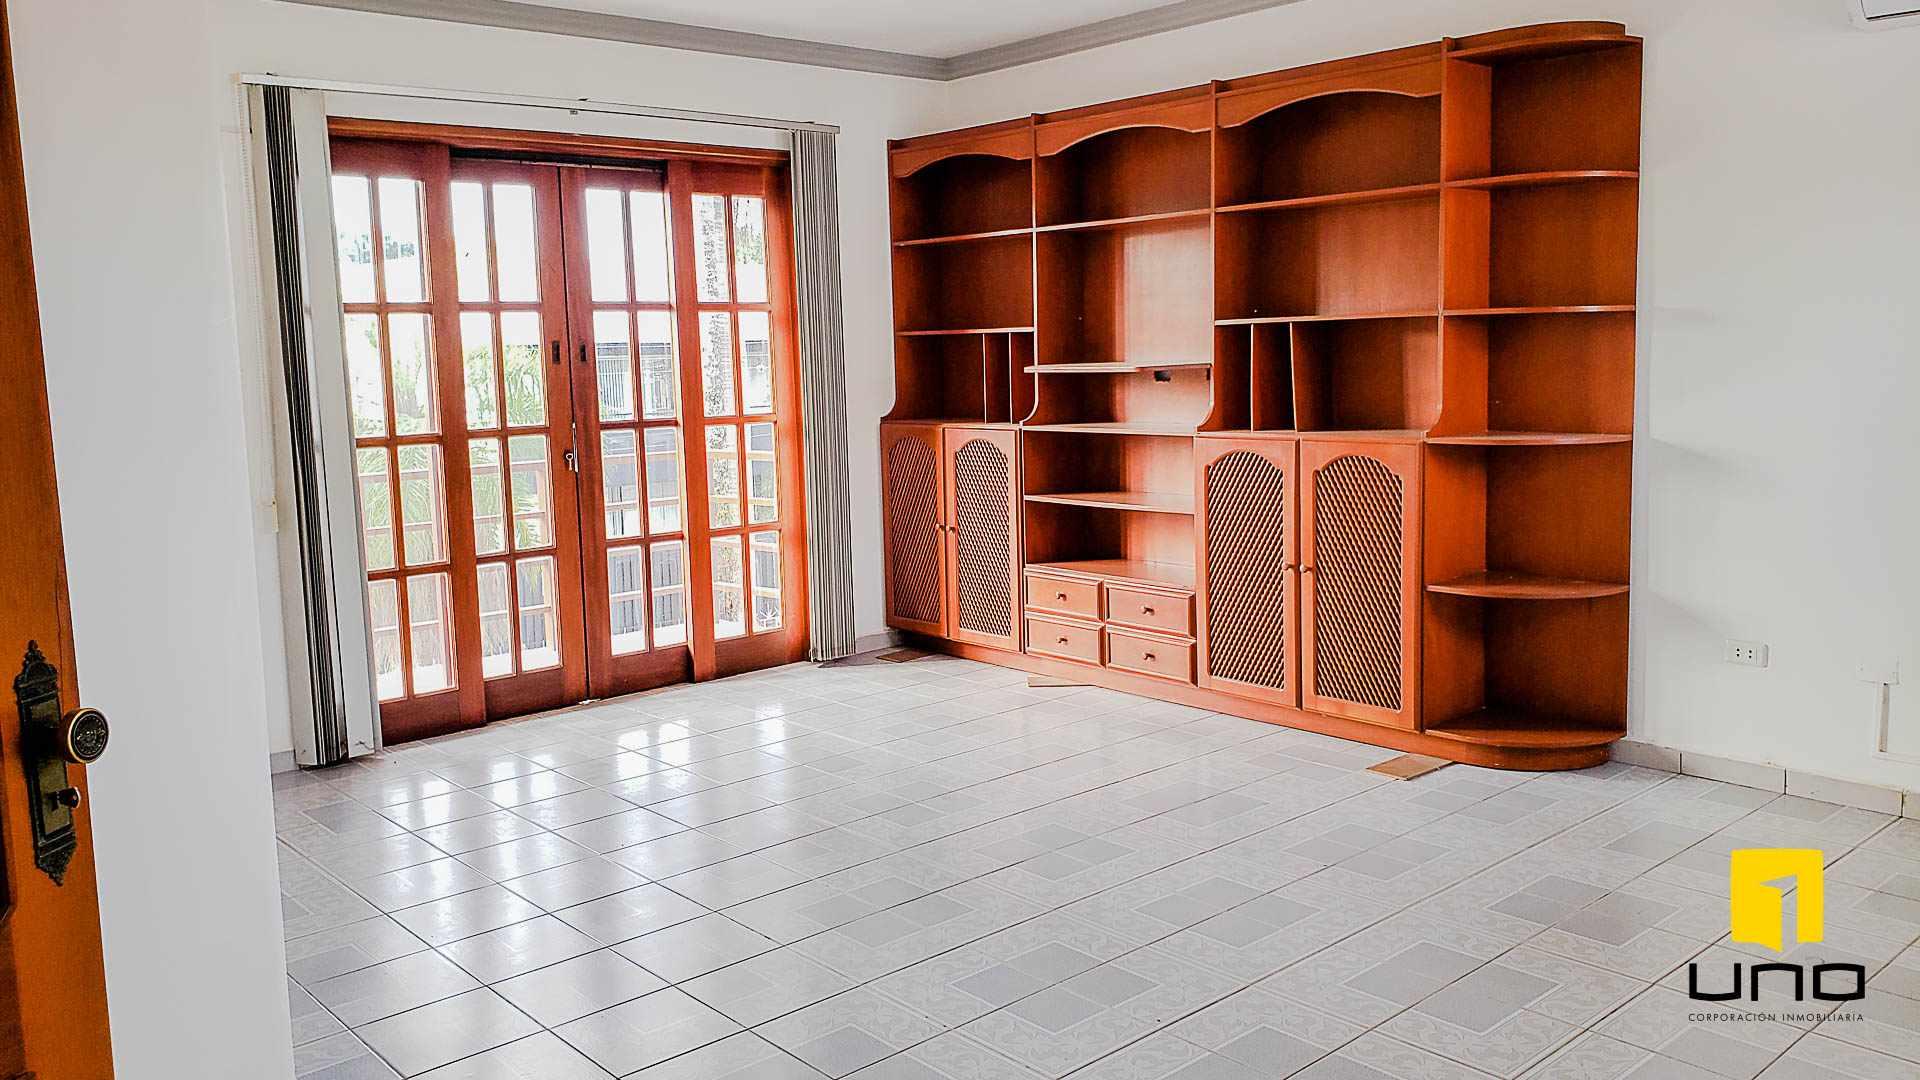 Casa en Alquiler BARRIO EQUIPETROL ALQUILO AMPLIA CASA PARA OFICINAS Foto 15